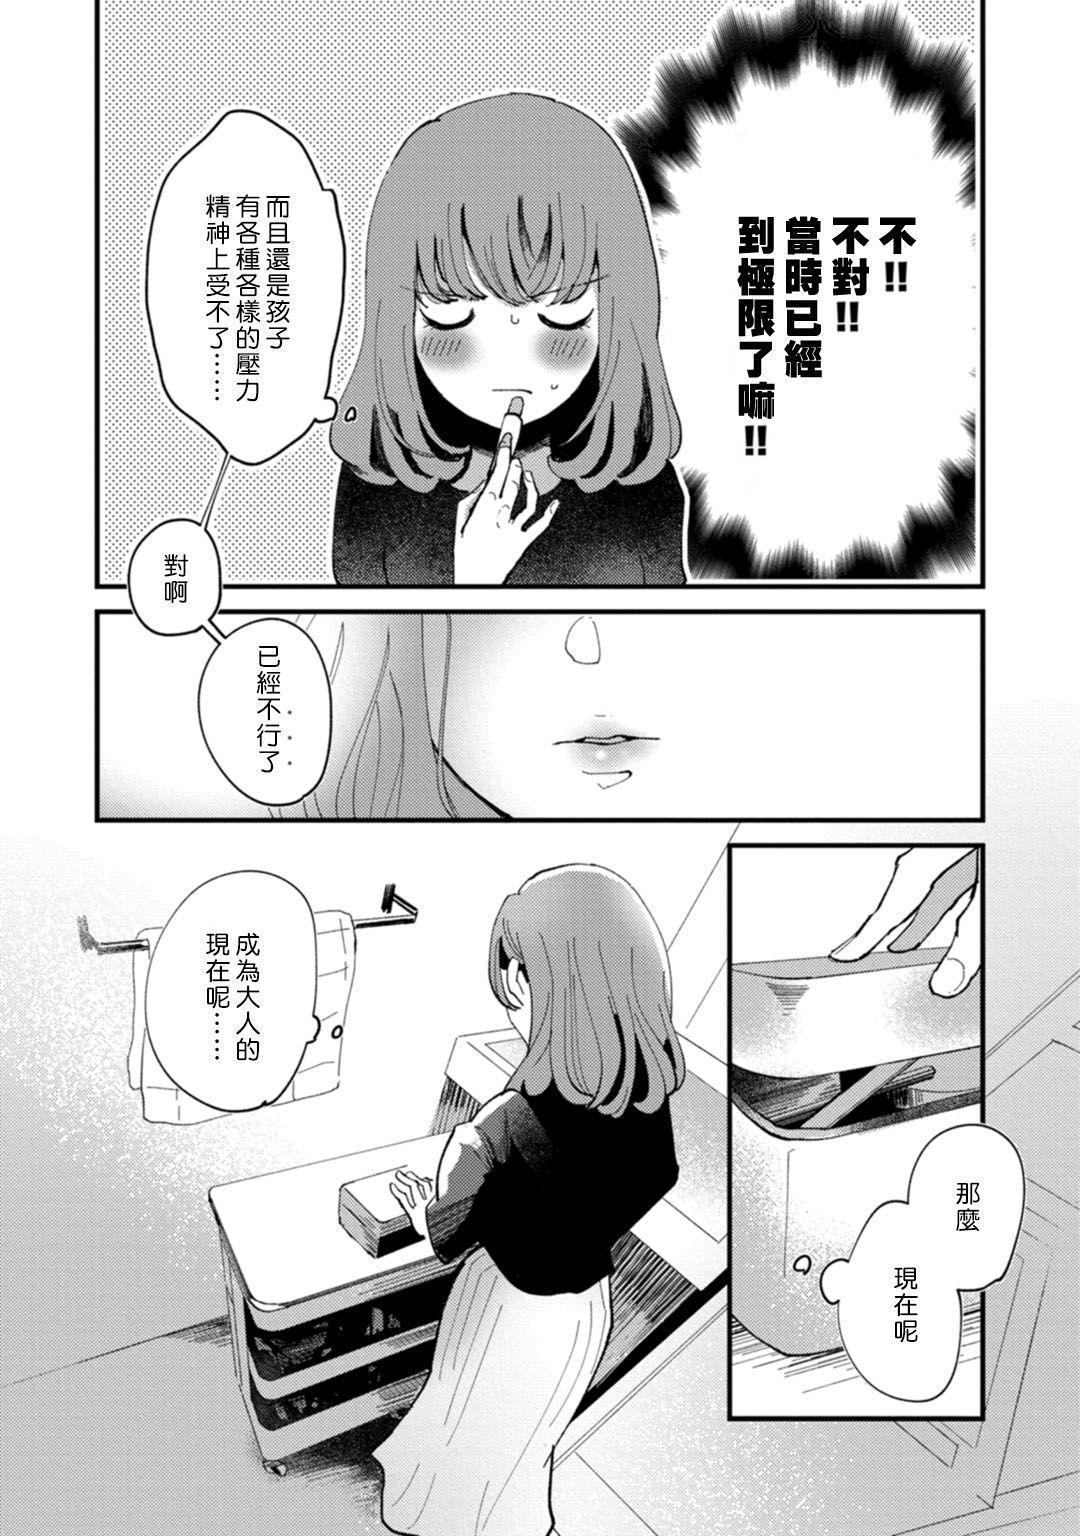 Watashiha Okazusenpai ni Taberaretai 16